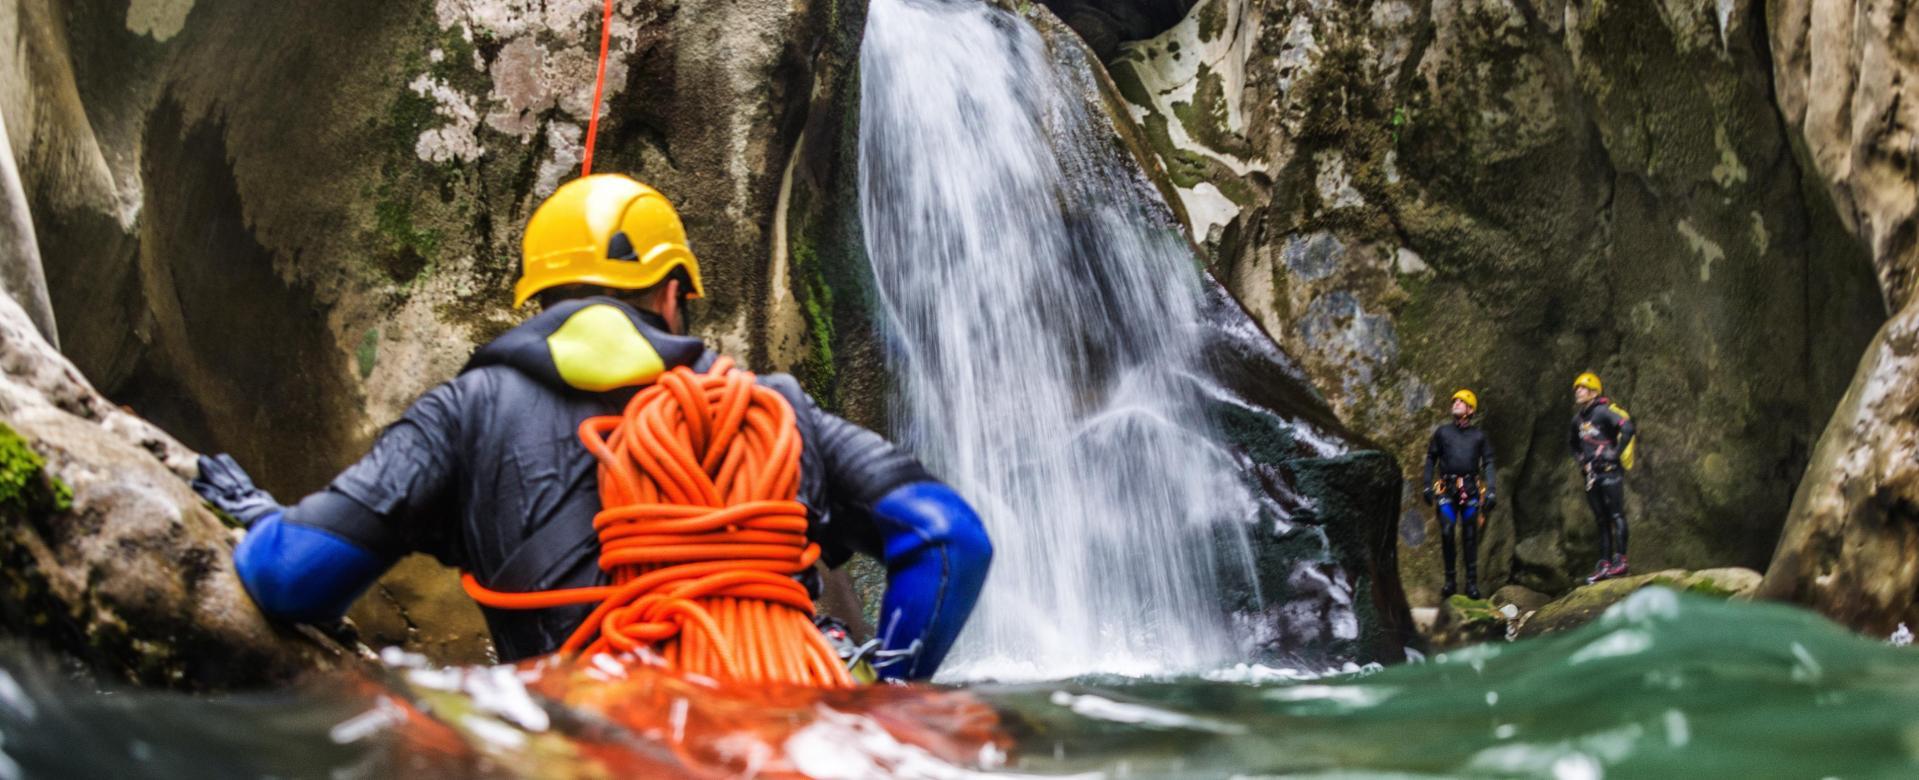 Voyage sur l'eau : Canyons de la roya